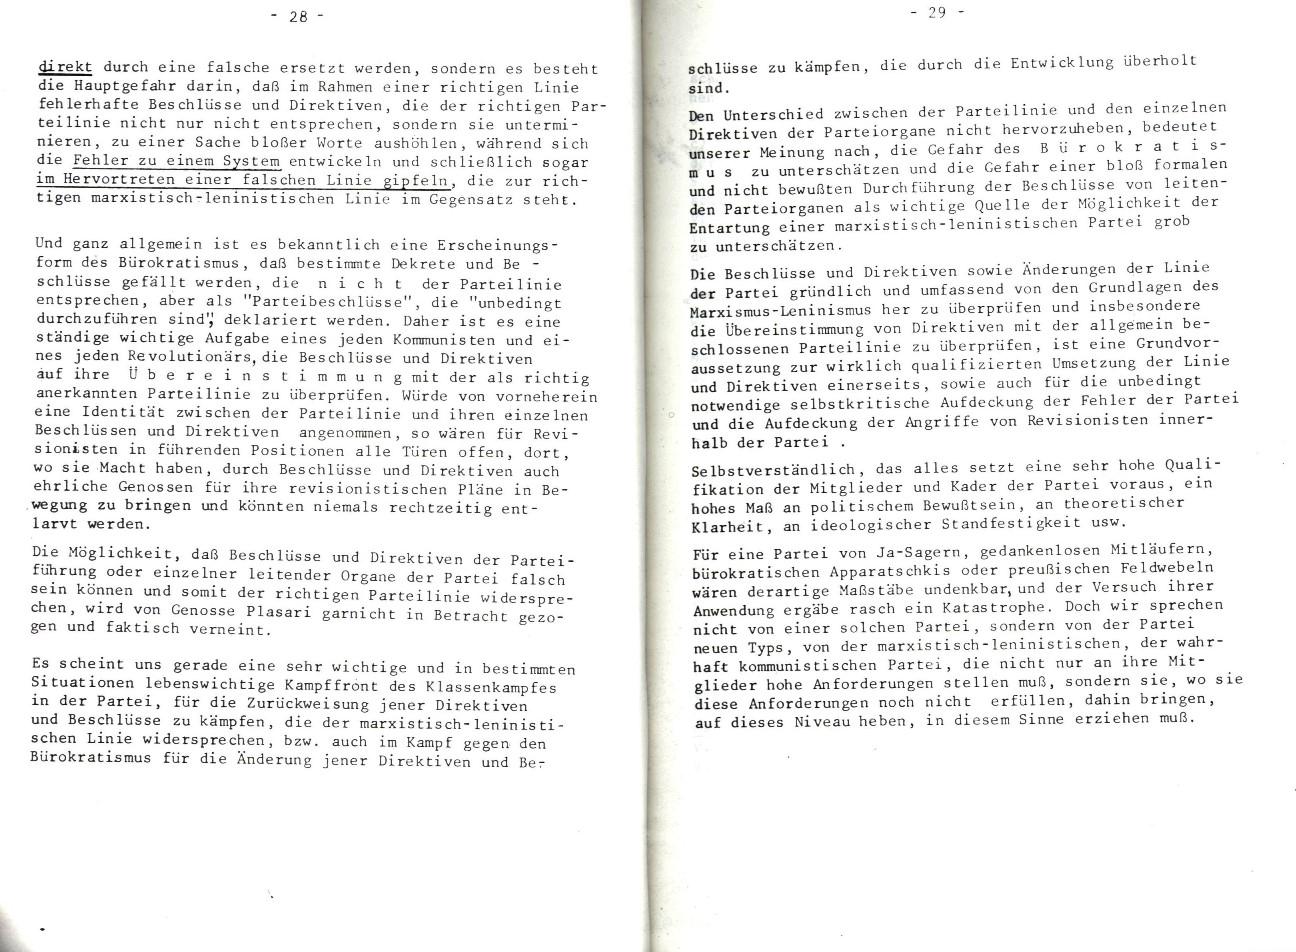 MLSK_Theorie_und_Praxis_des_ML_1979_25_15